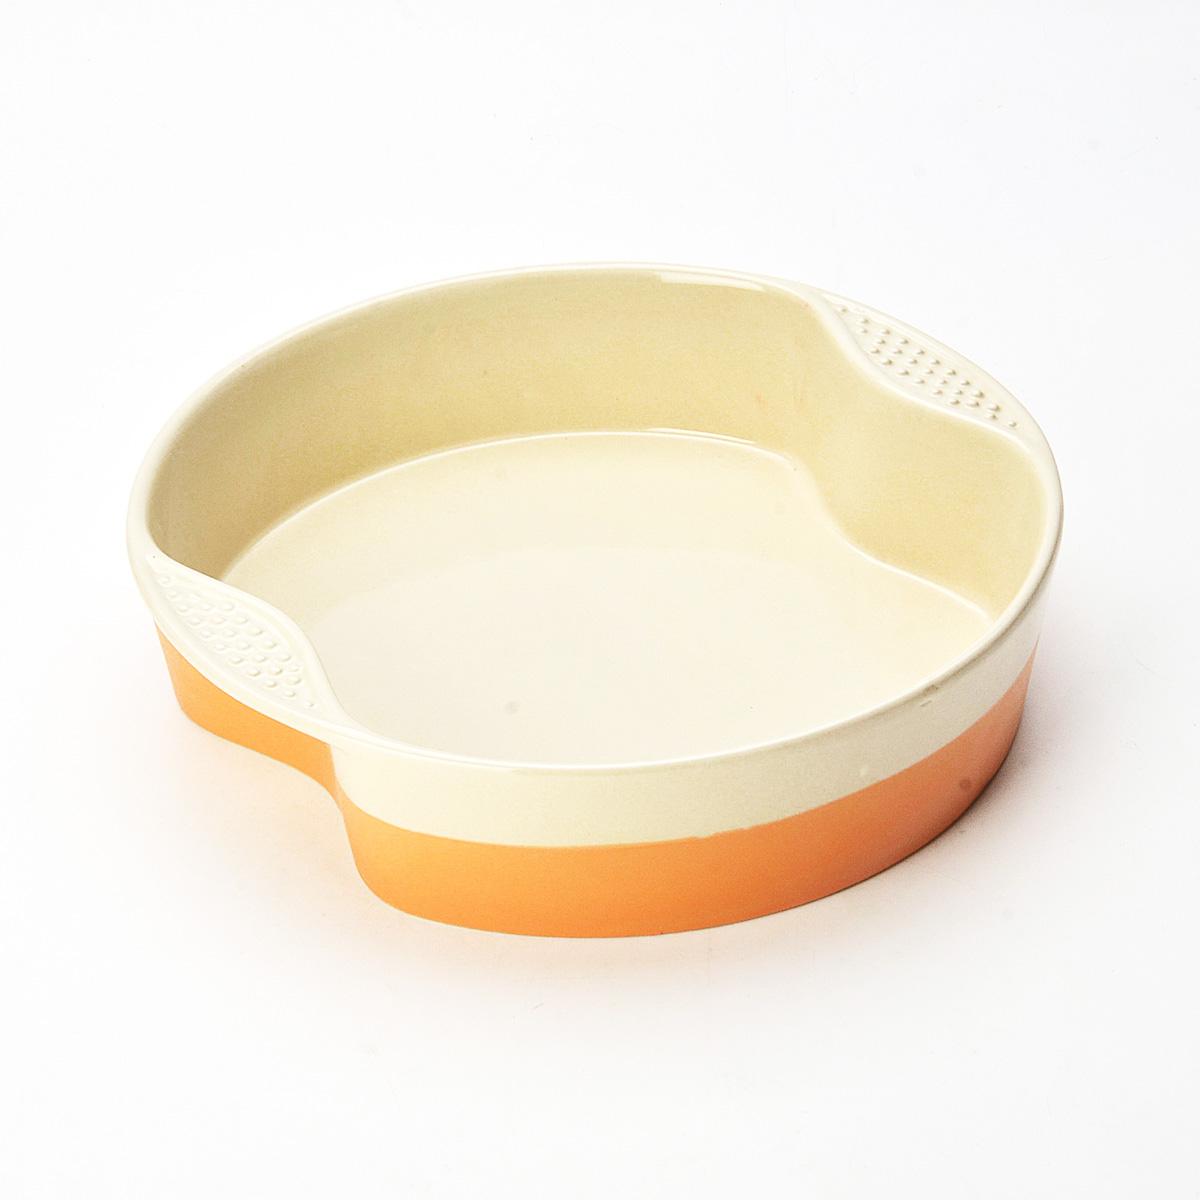 Противень Mayer & Boch, круглый, цвет: оранжевый, бежевый, диаметр 28,5 см21771Противень Mayer & Boch изготовлен из высококачественной керамики и подходит для любого вида пищи. Элегантный дизайн идеально подходит для современного дома. Пища, приготовленная в керамической посуде, сохраняет свои вкусовые качества, и благодаря экологической чистоте материала, не может нанести вред здоровью человека. Керамика - один из самых лучших материалов, который удерживает тепло, медленно и равномерно его распределяет. Максимальный нагрев - 400°С. С таким противнем вы всегда сможете порадовать своих близких оригинальным блюдом. Противень можно использовать в микроволновой печи и духовом шкафу, замораживать в холодильнике. Можно мыть в посудомоечной машине.